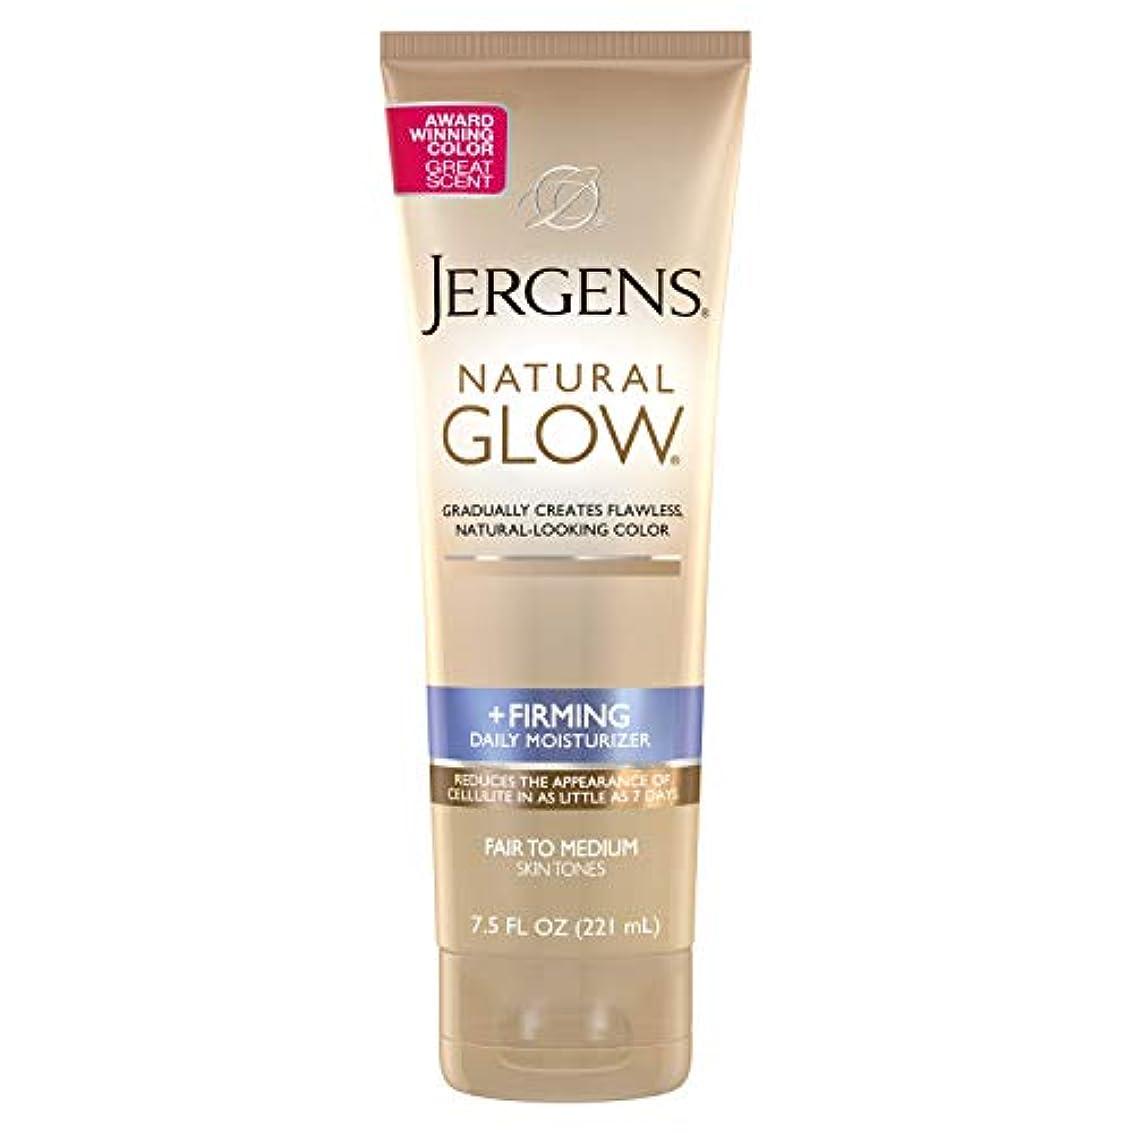 ラリーベルモント幾何学注文Natural Glow Firming Moisturizer for Fair to Mediu Jergens 7.5 oz Moisturizer For Unisex (並行輸入品)